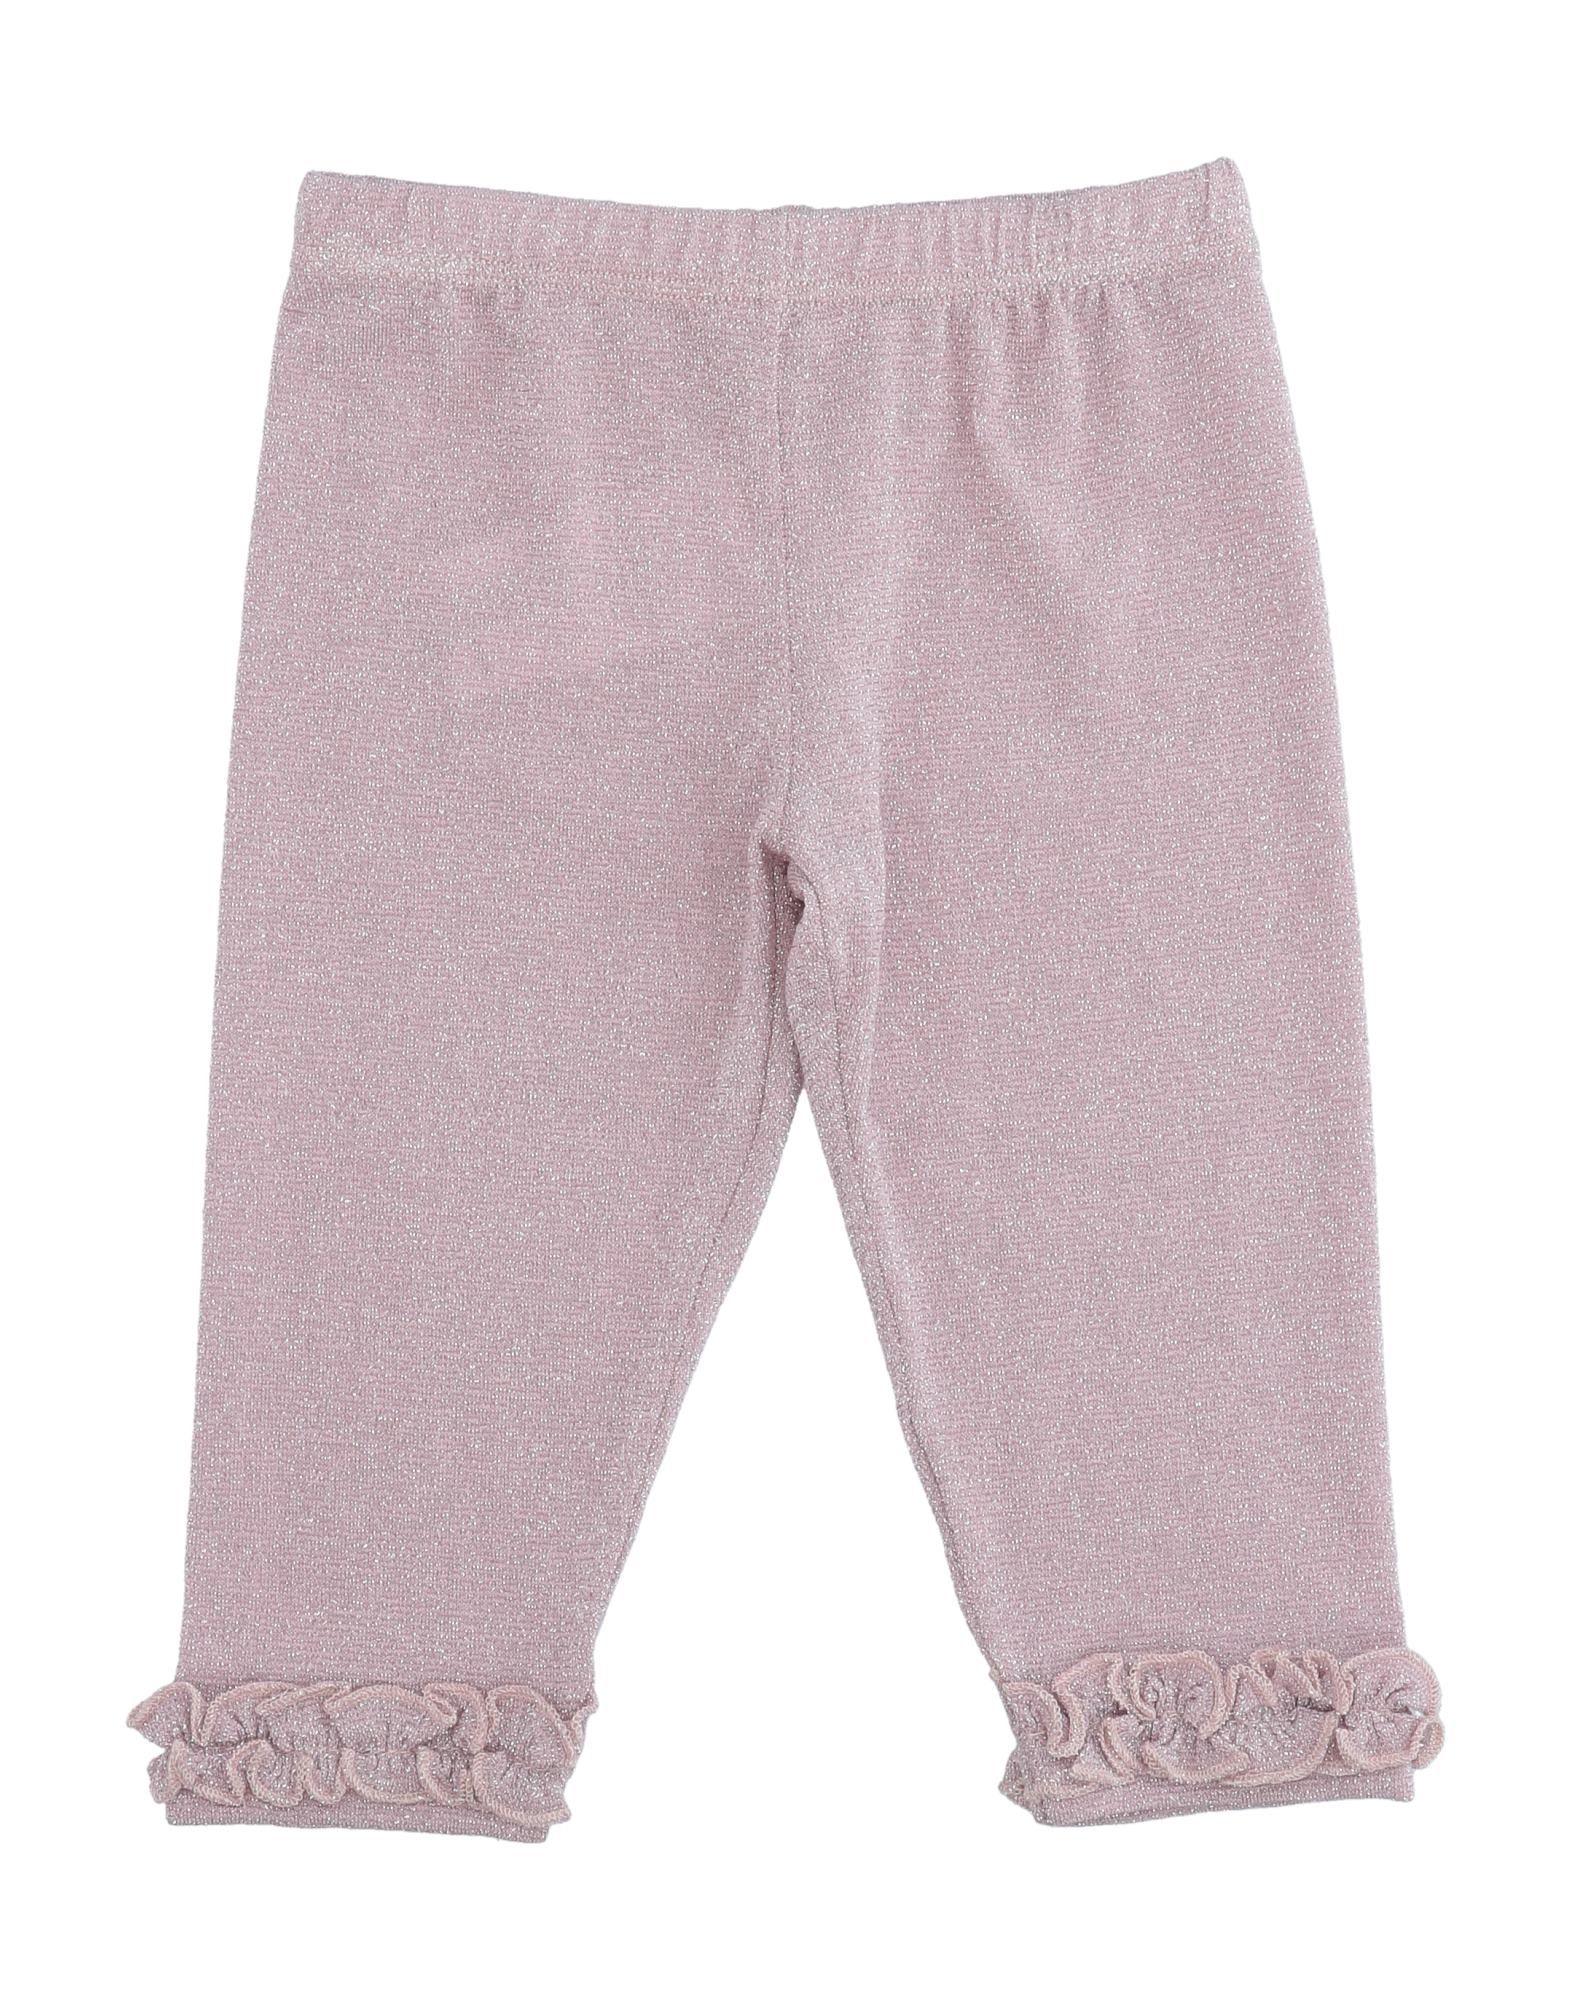 Alice Pi. Kids' Leggings In Pink